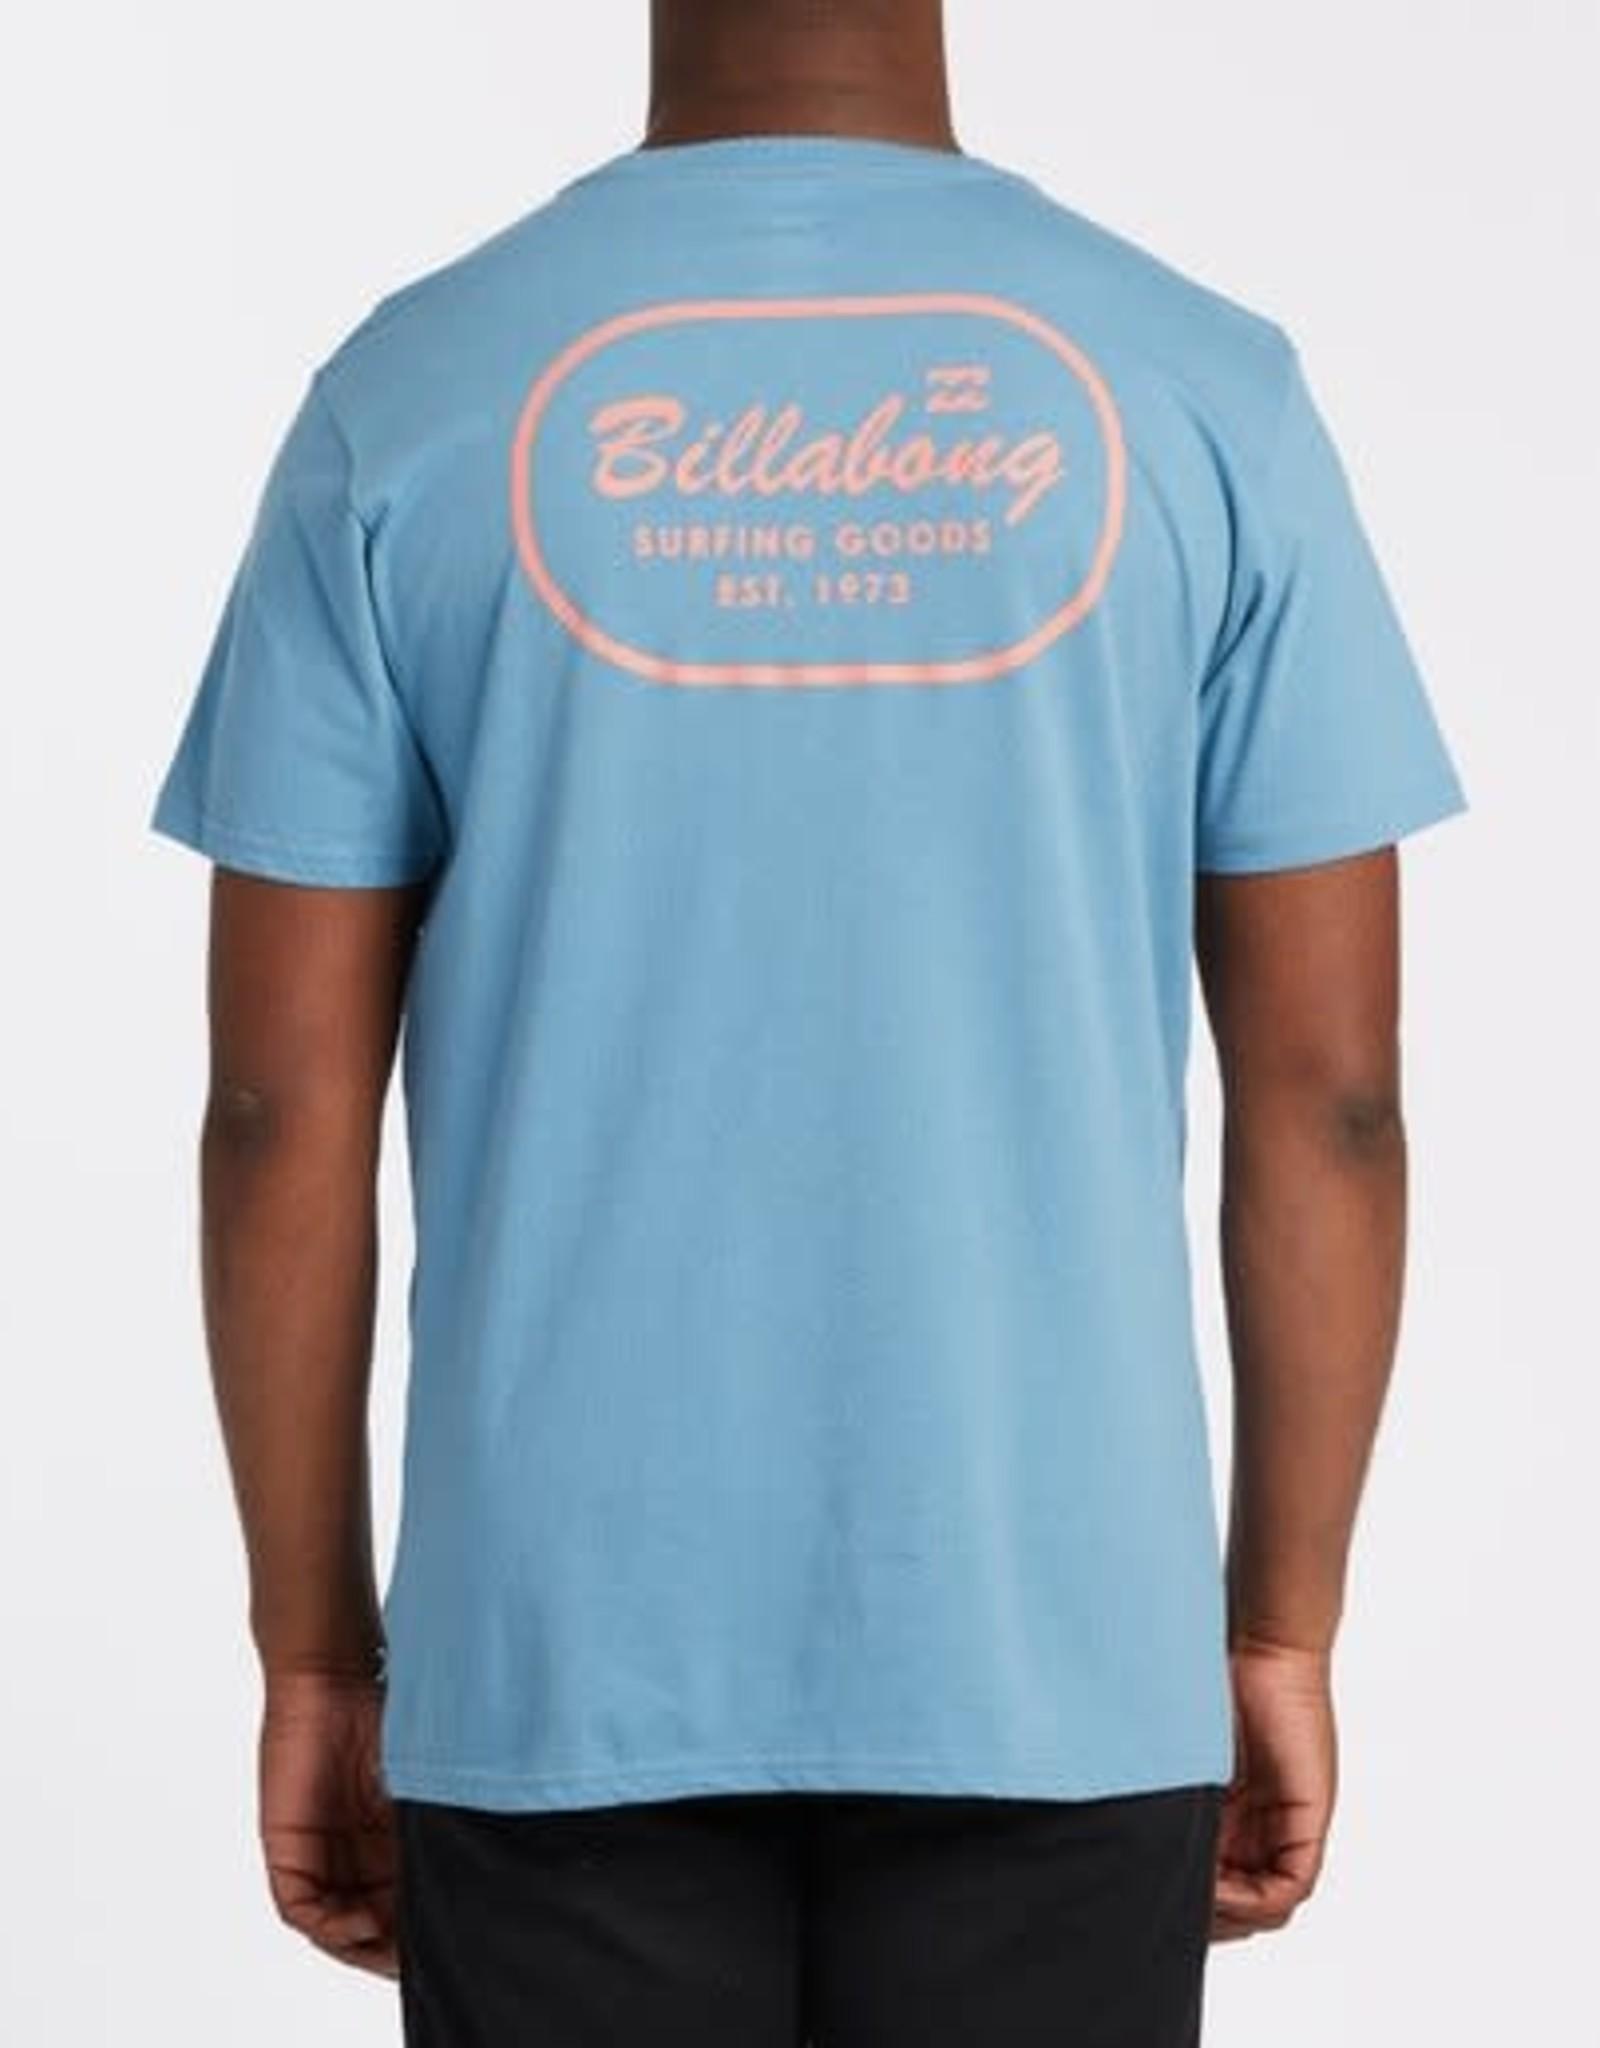 billabong billabong surfing goods tshirt